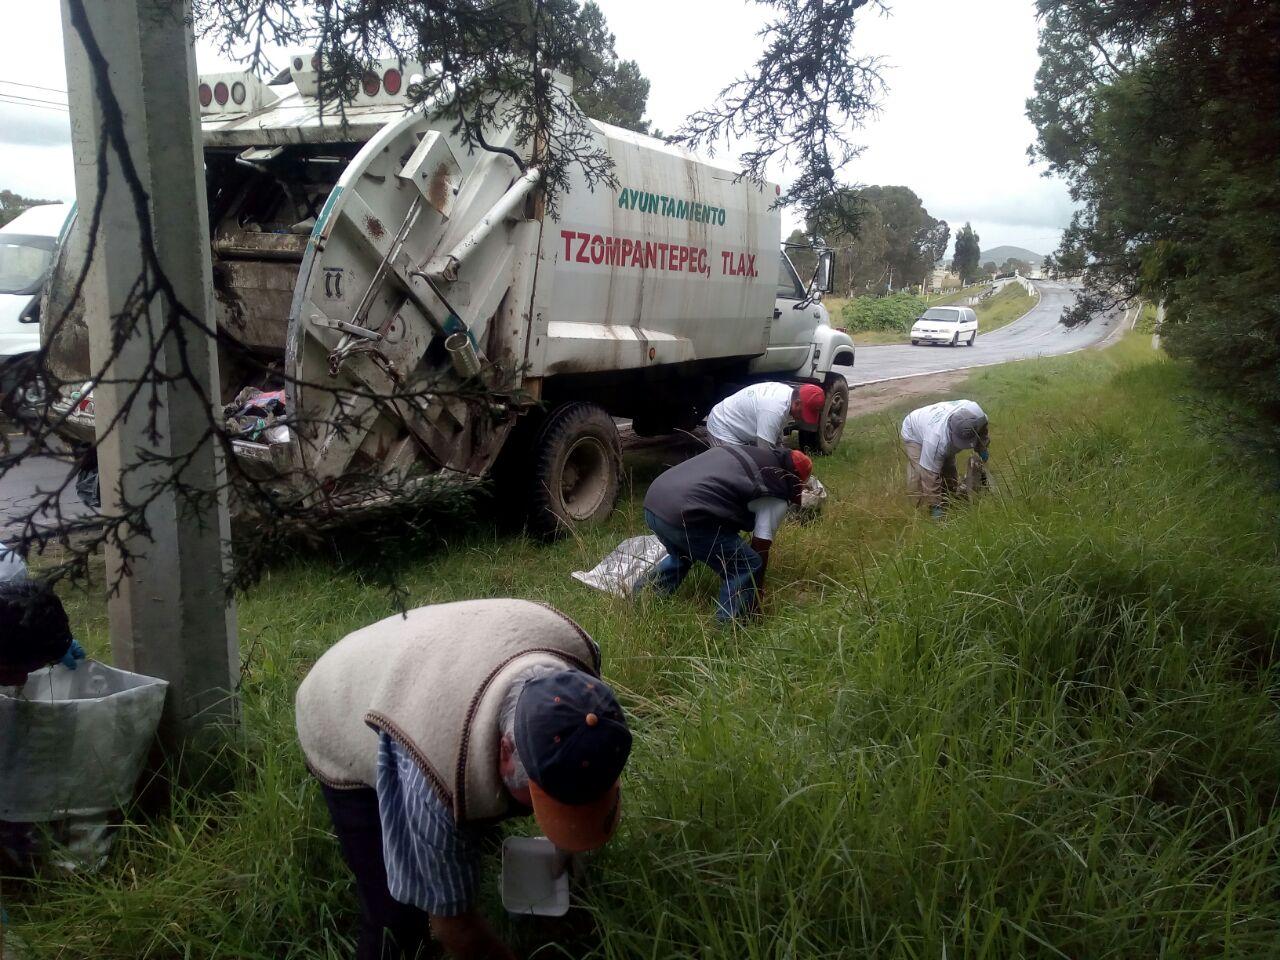 Motivante campaña de limpieza en Tzompantepec